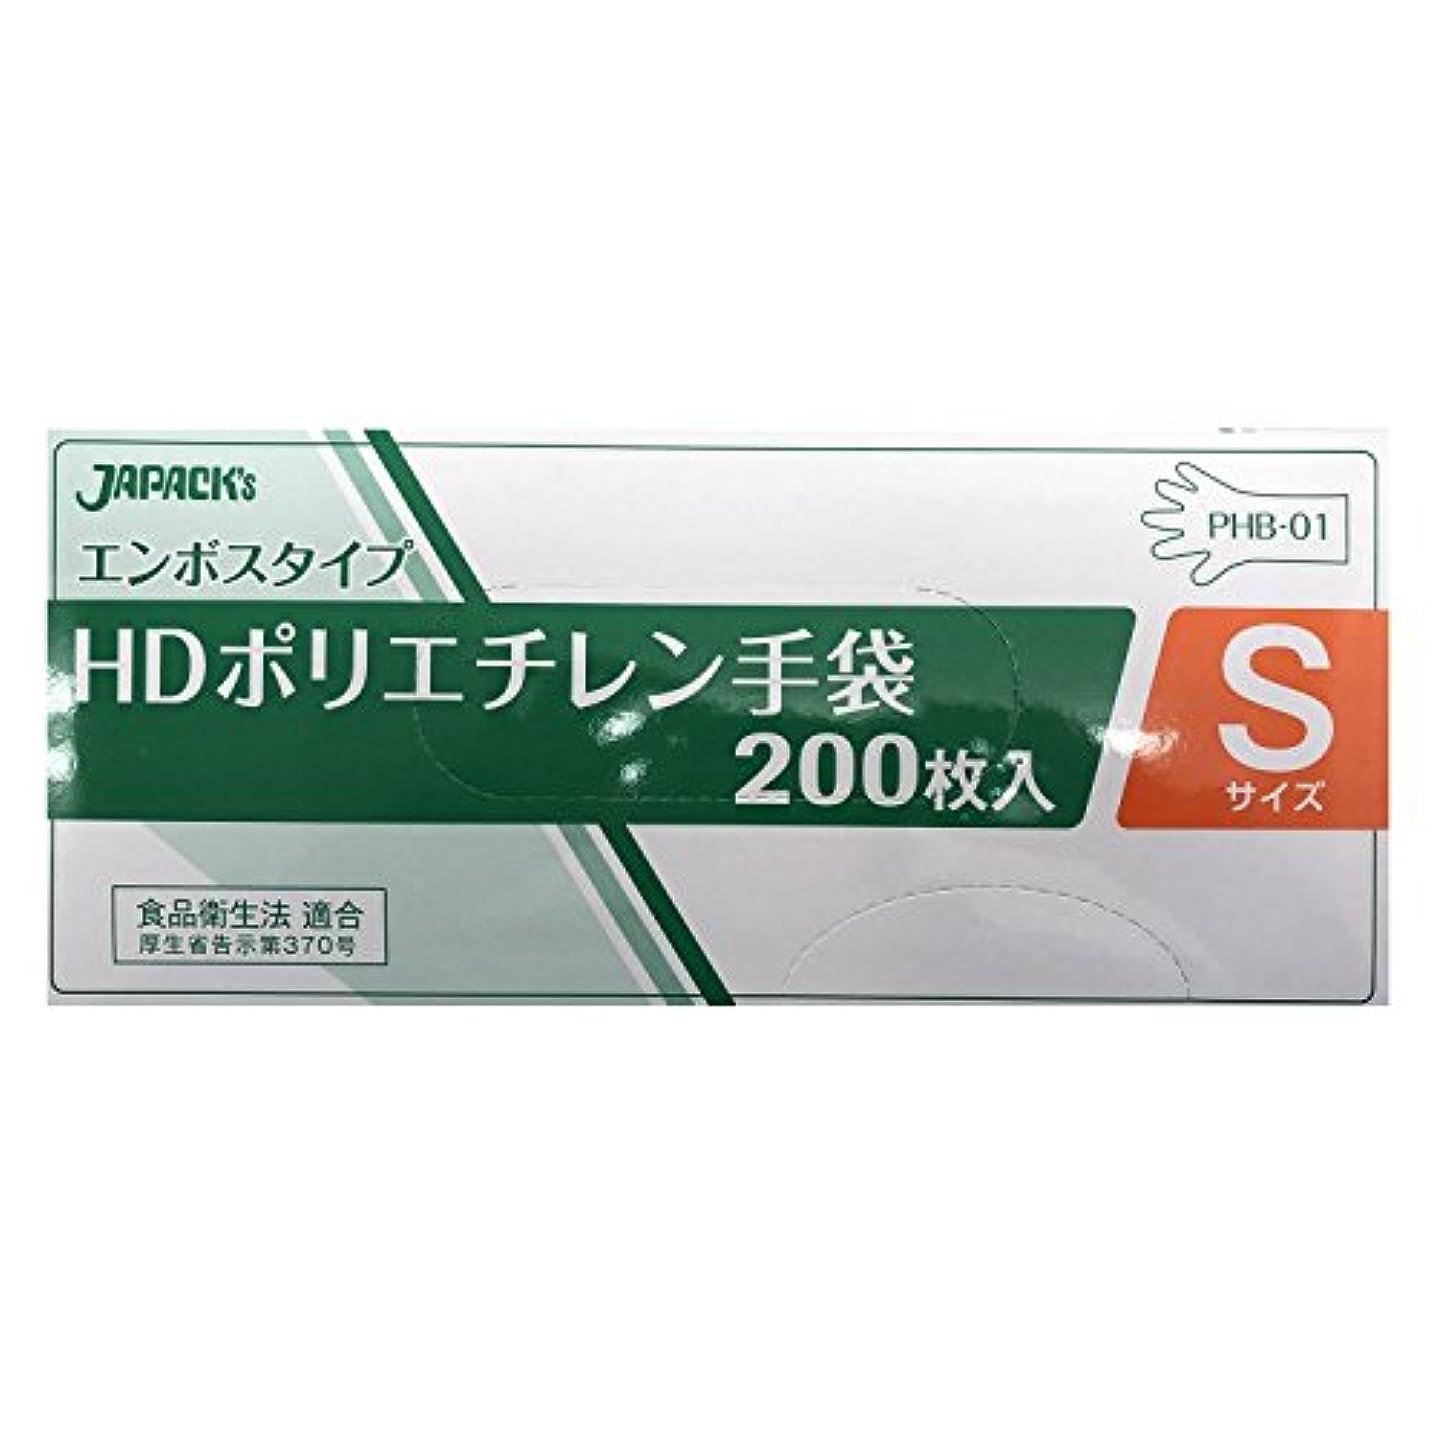 スズメバチ独立した記憶エンボスタイプ HDポリエチレン手袋 Sサイズ BOX 200枚入 無着色 PHB-01